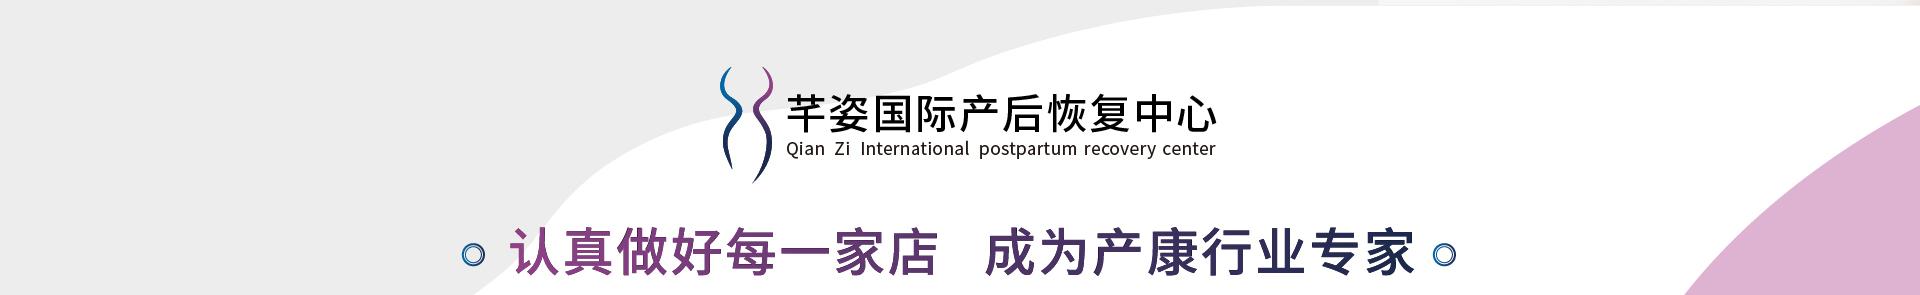 芊姿国际产后恢复中心qzchxf_13